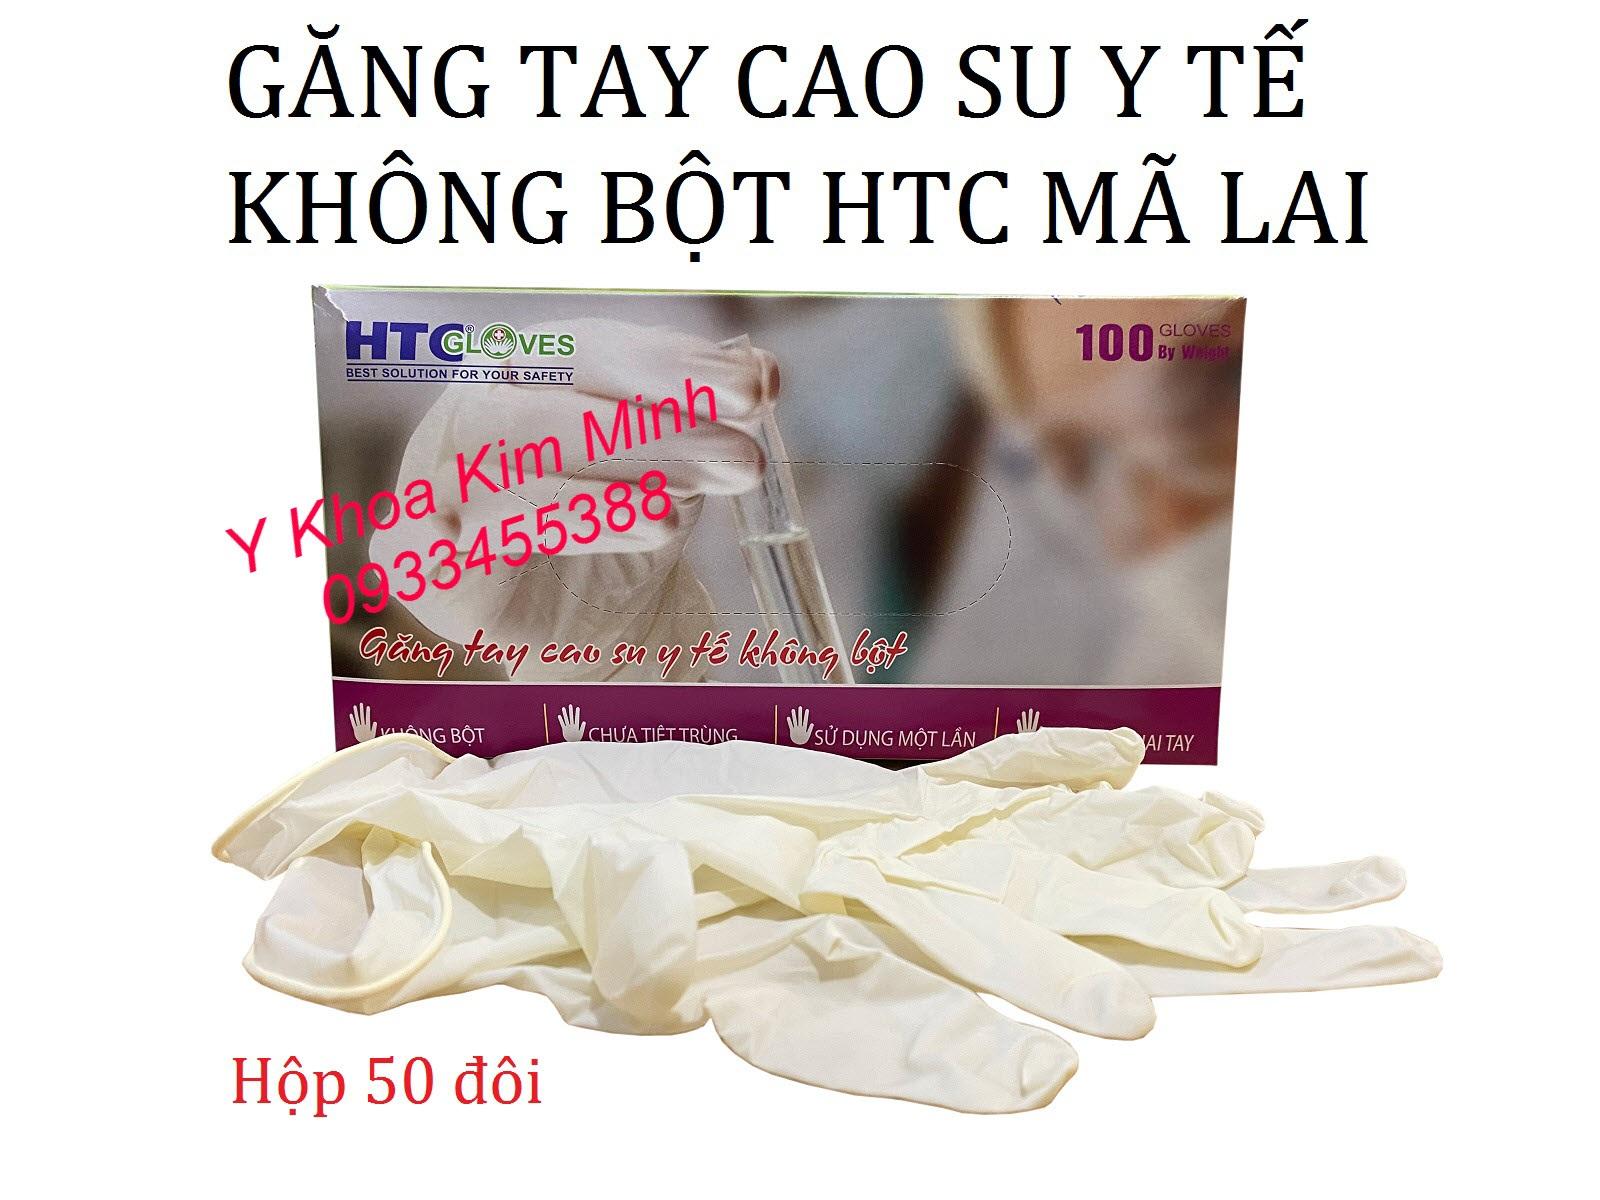 Găng tay cao su y tế không bột HTC